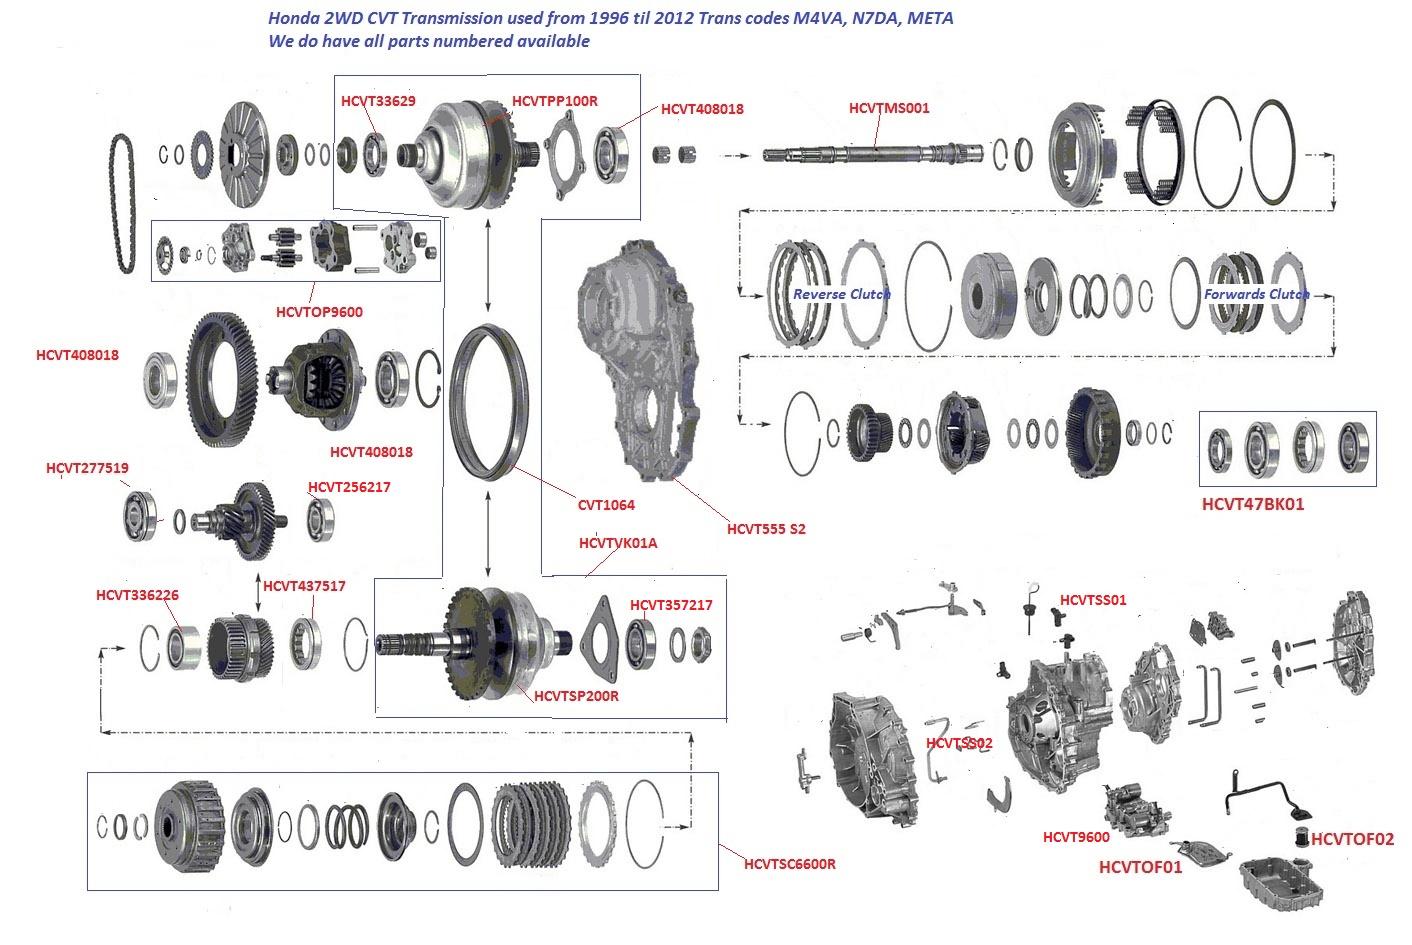 medium resolution of ho m4va cvt 1 jpg